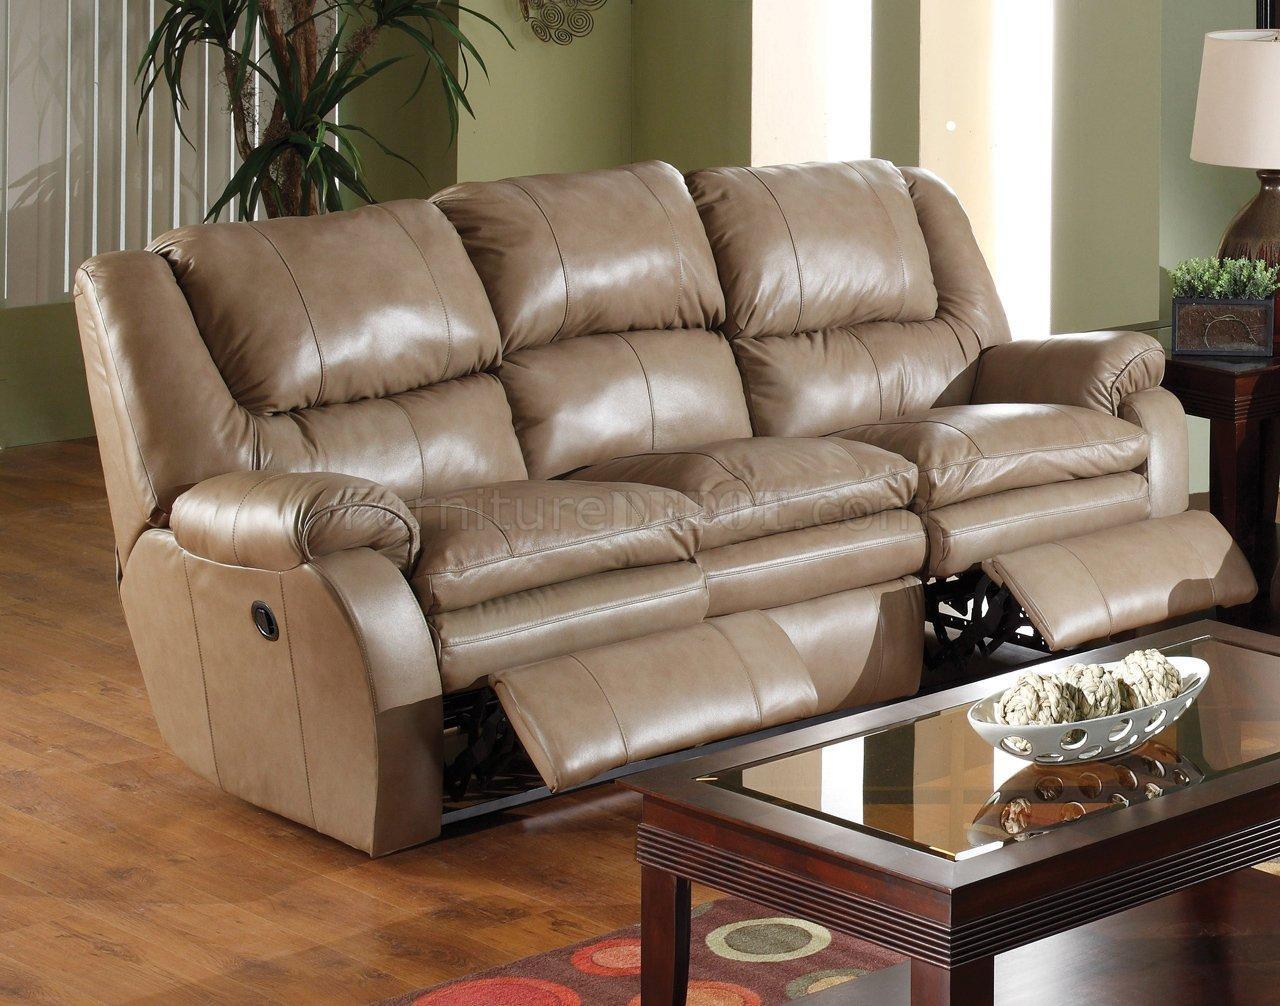 Catnapper Reclining Sofa Warranty – Rs Gold Sofa Pertaining To Catnapper Reclining Sofas (View 16 of 20)